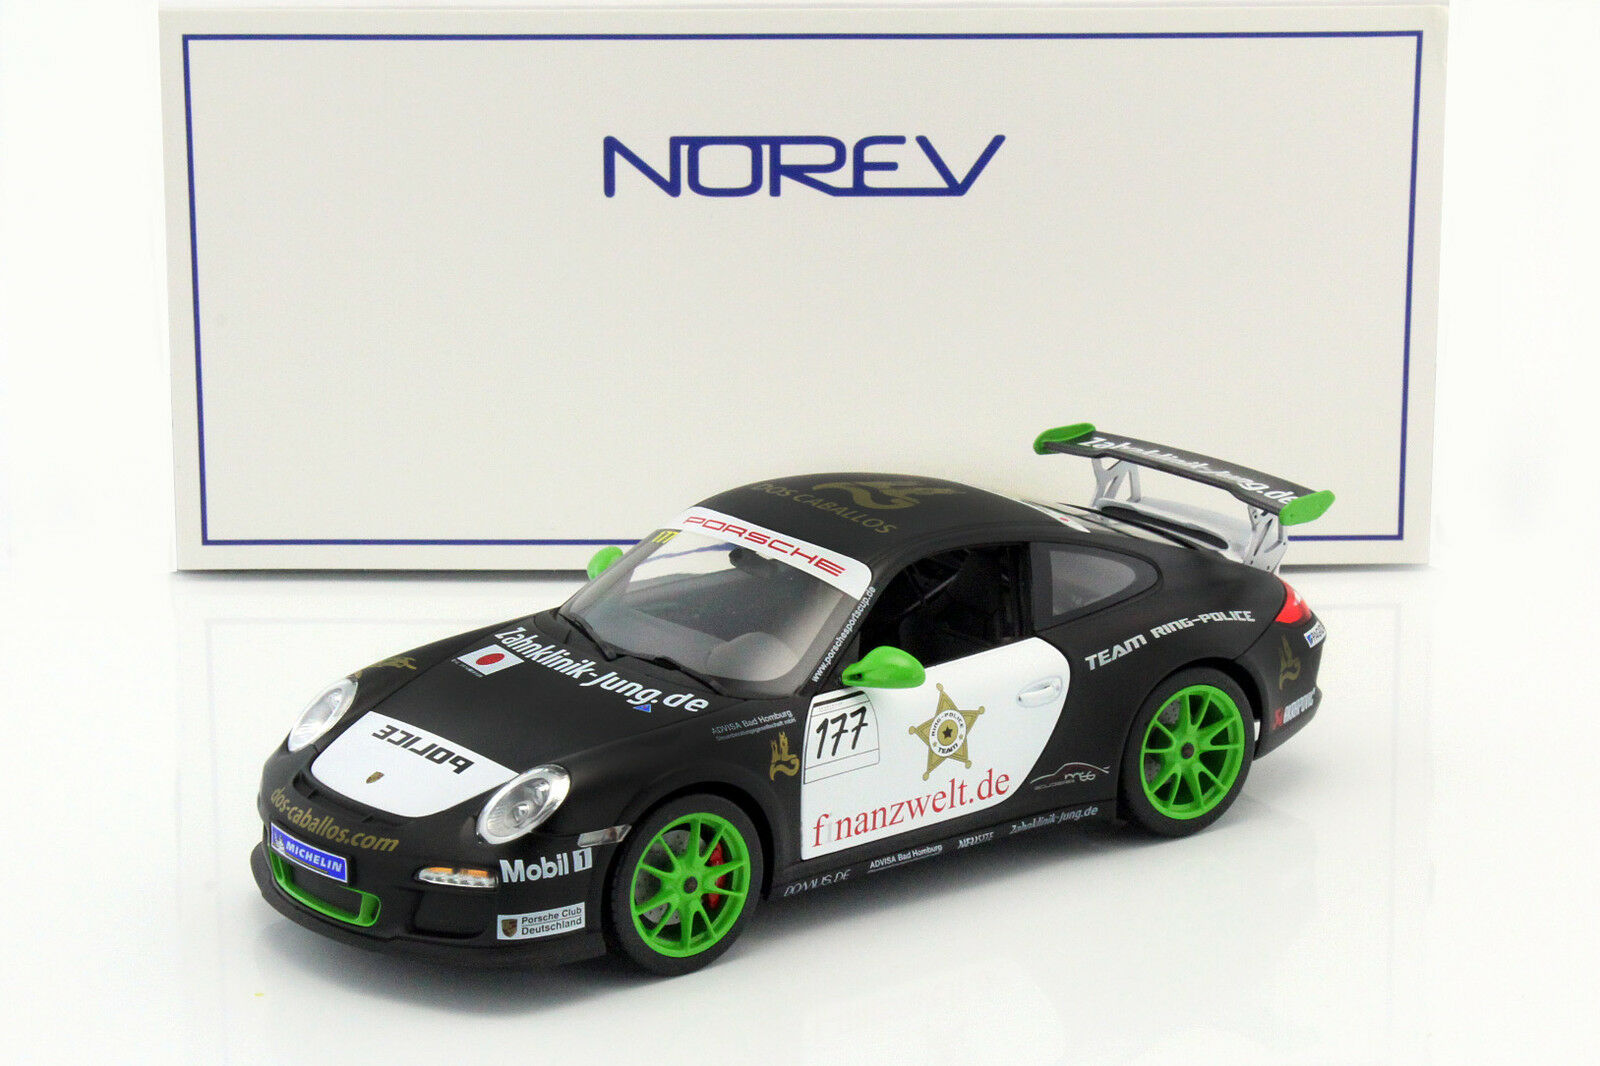 Porsche 911 GT3 Rs  177 Equipo Anillo Policía Sportscup 2011 1 18 norev